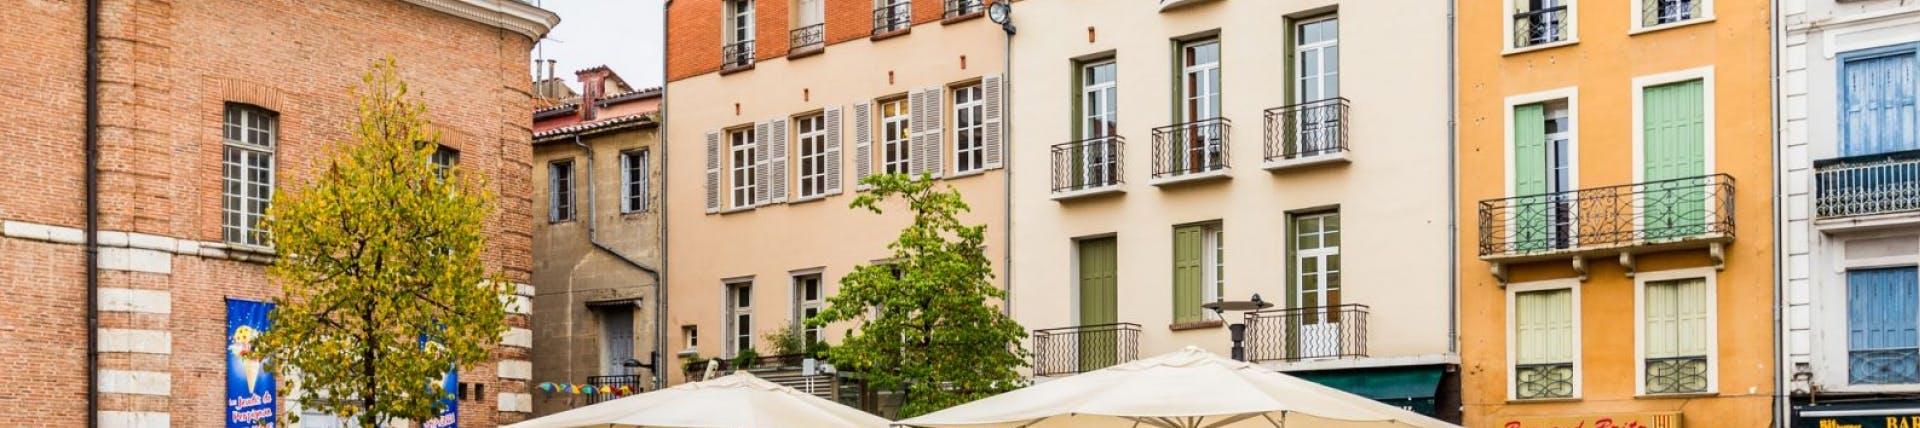 Picture of Perpignan